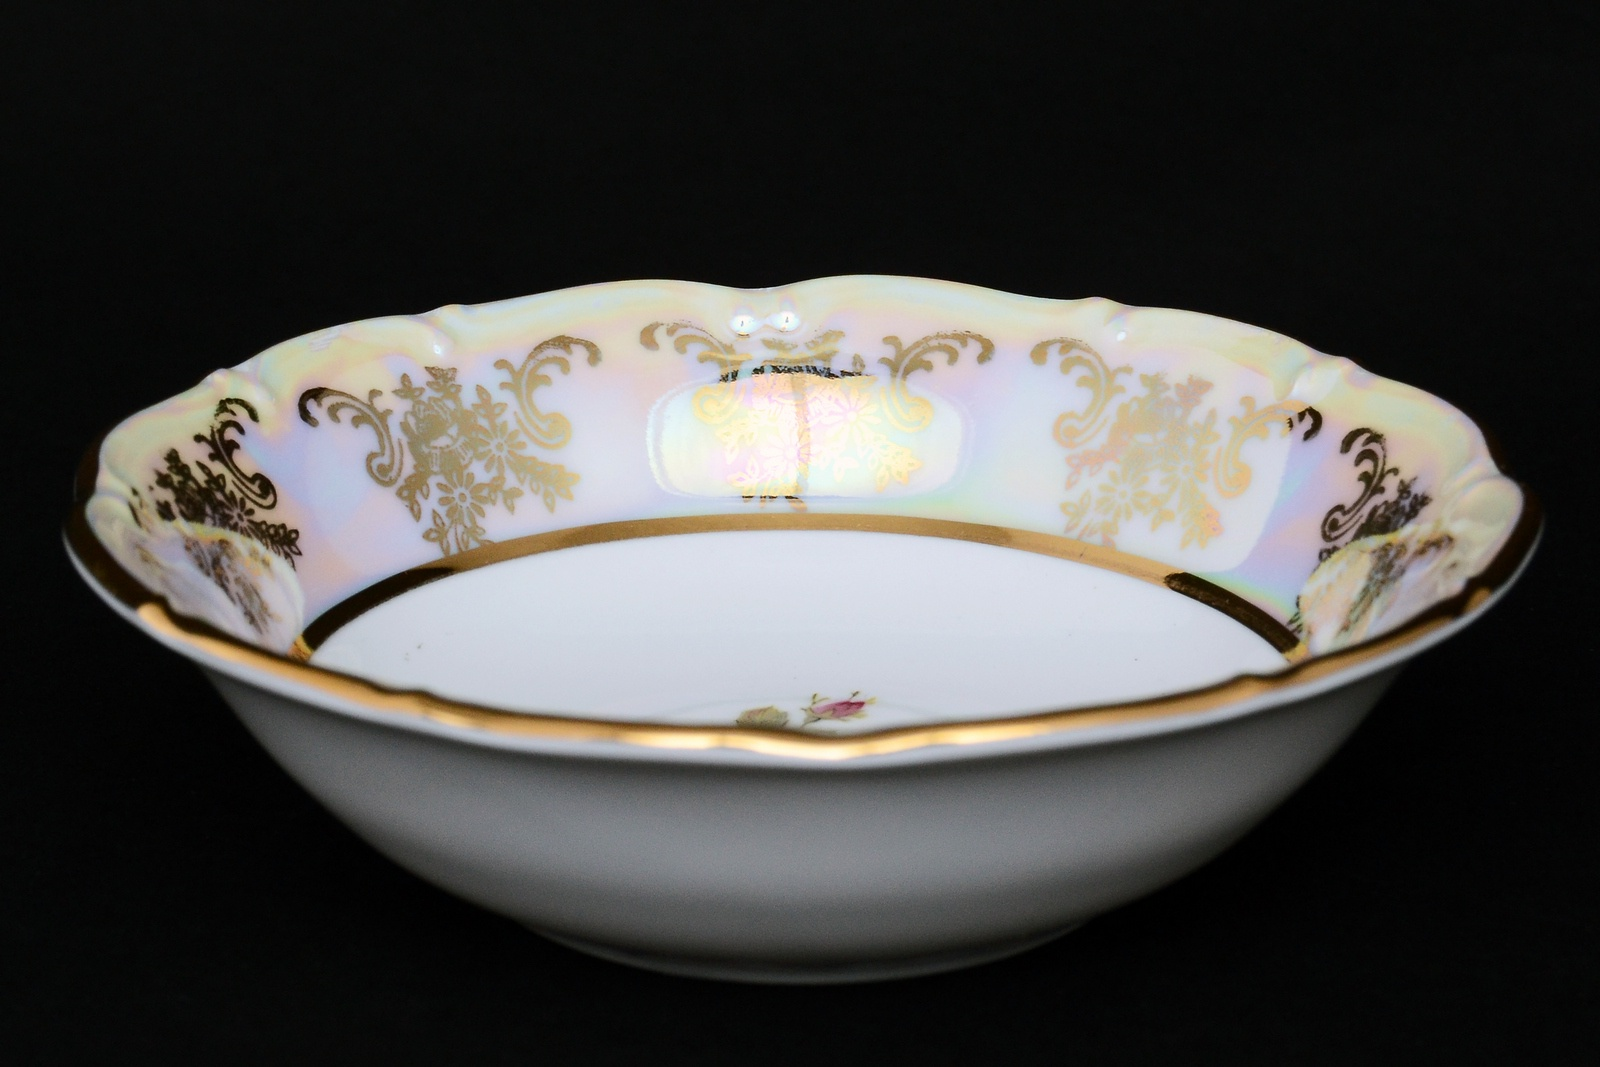 """Набор салатников Carlsbad """"Фредерика Роза"""", 14157, белый, золотой, 13 см, 6 шт"""